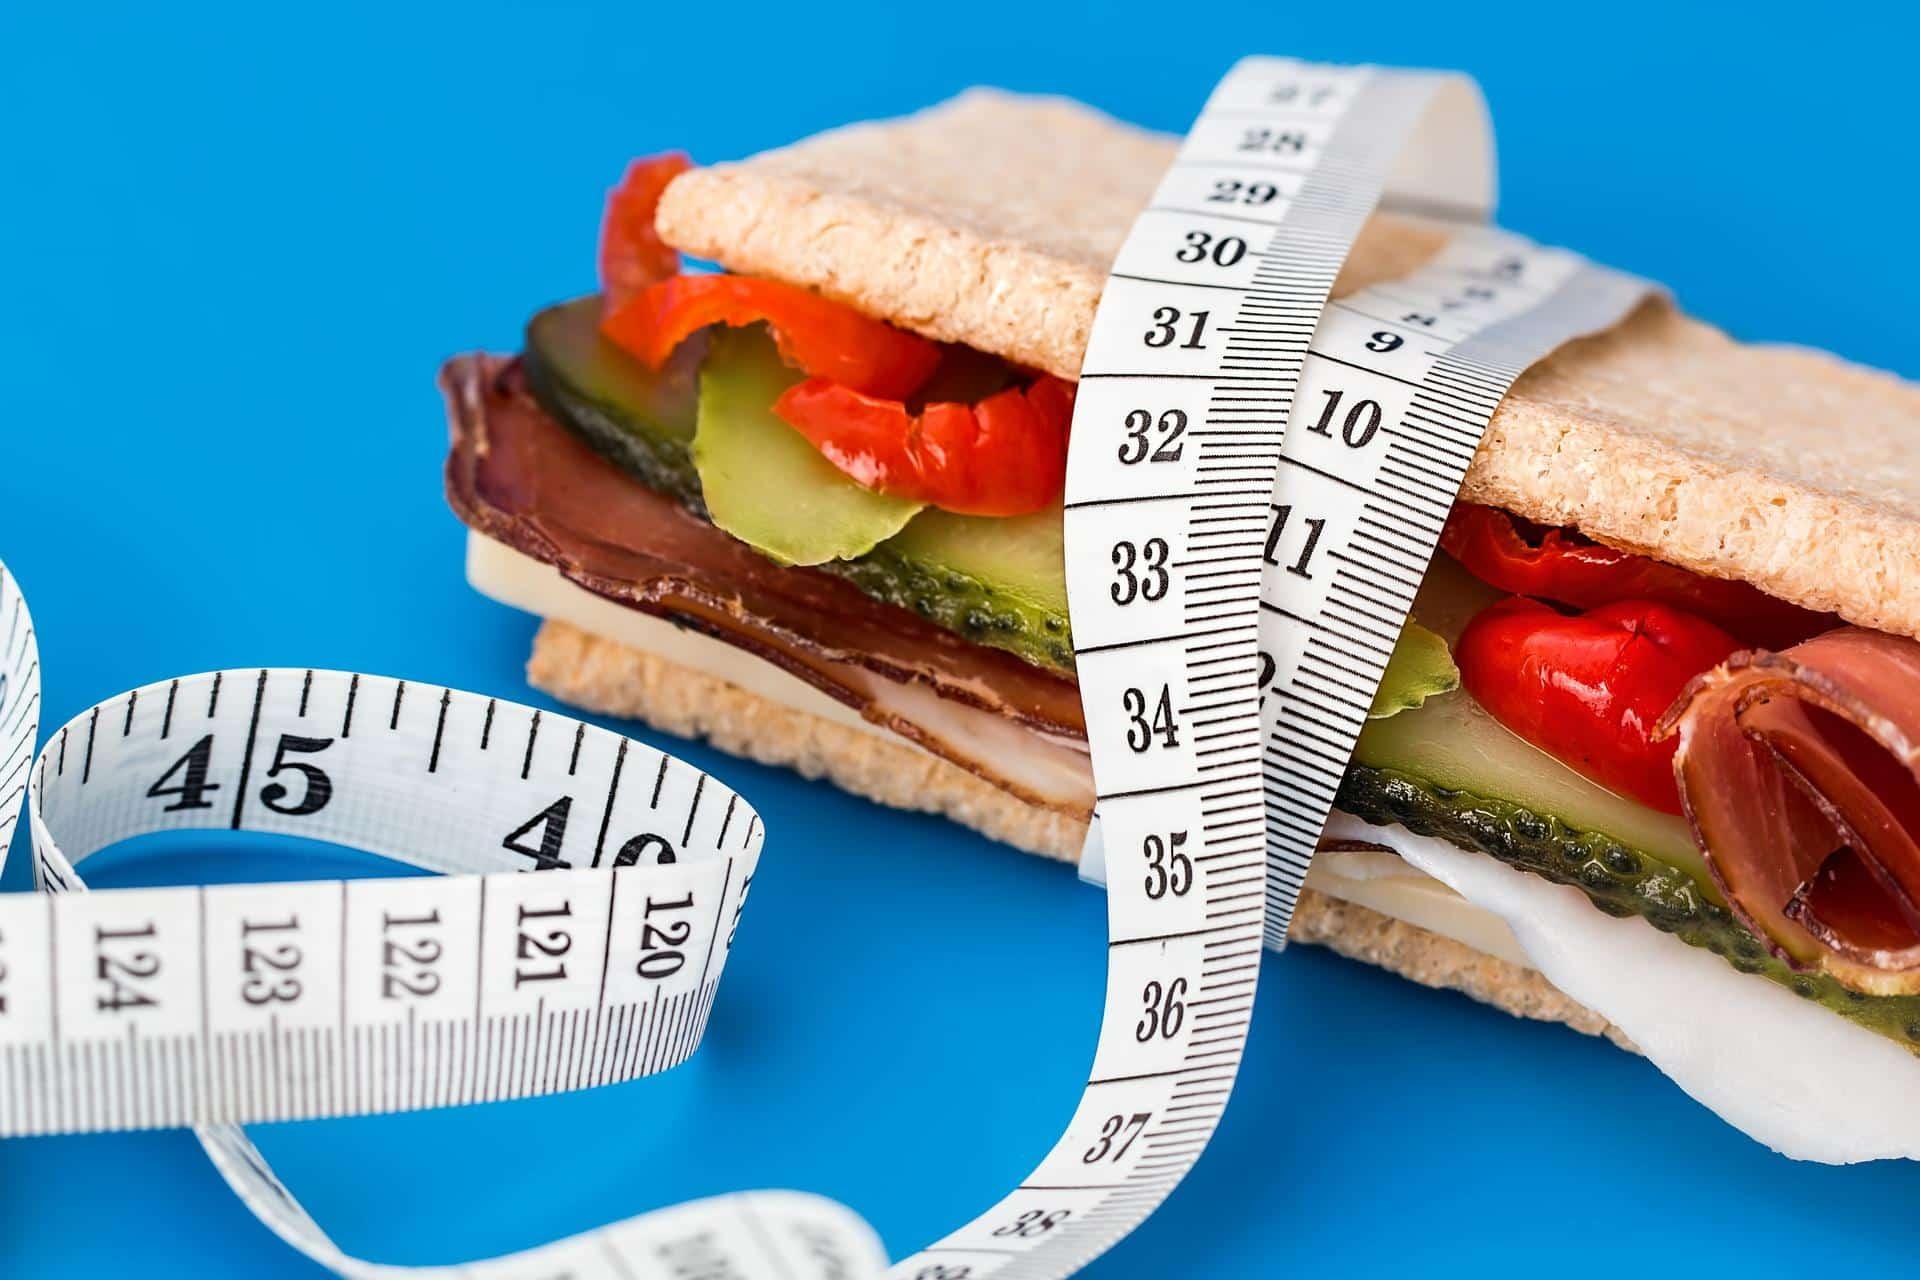 Le fasting avant aprés une fausse bonne idée ?